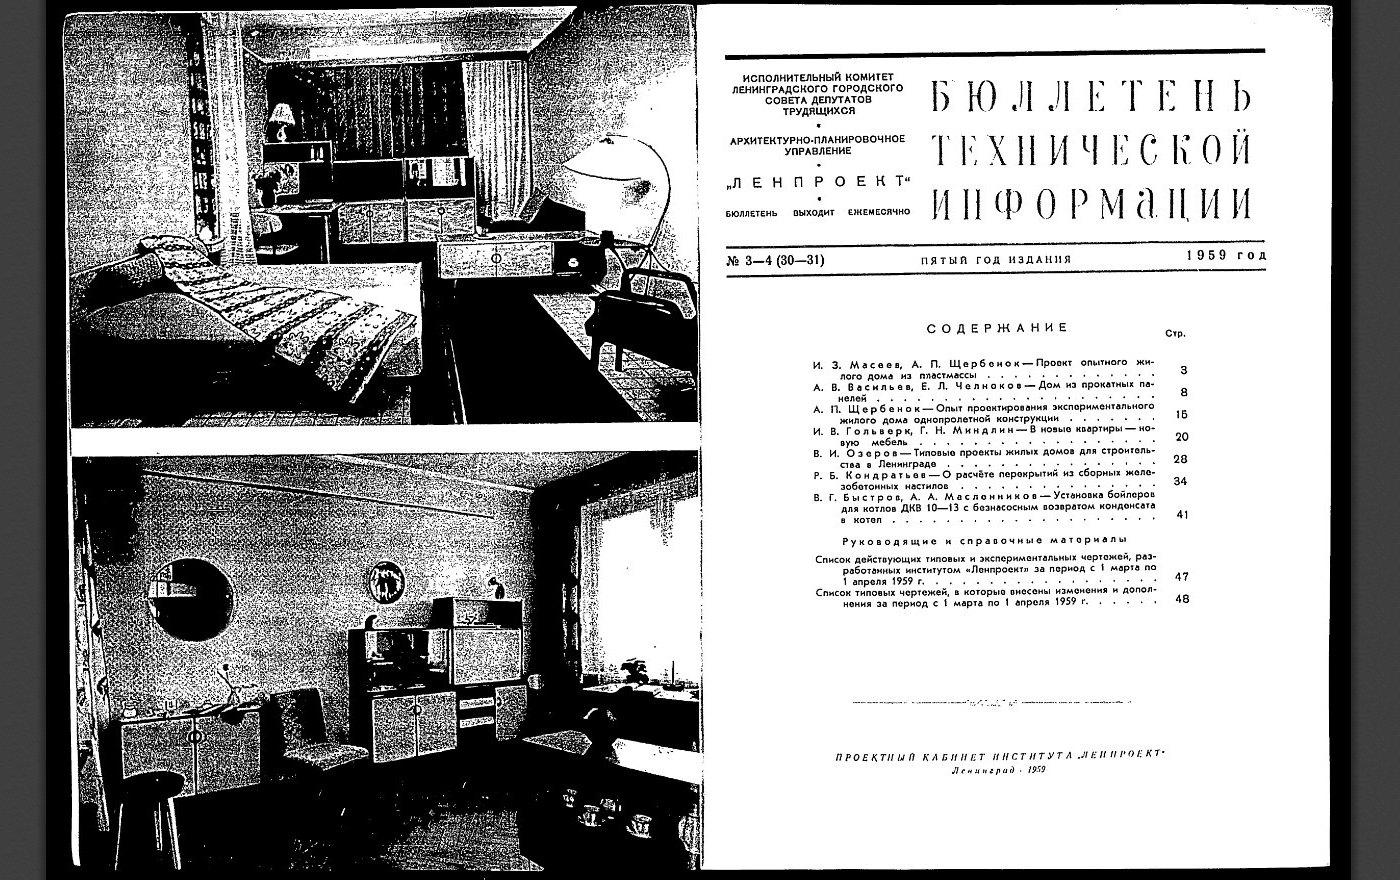 Фотоснимки типичных интерьеров советских квартир бережно скопированы ипереданы нахранение вЦРУ.